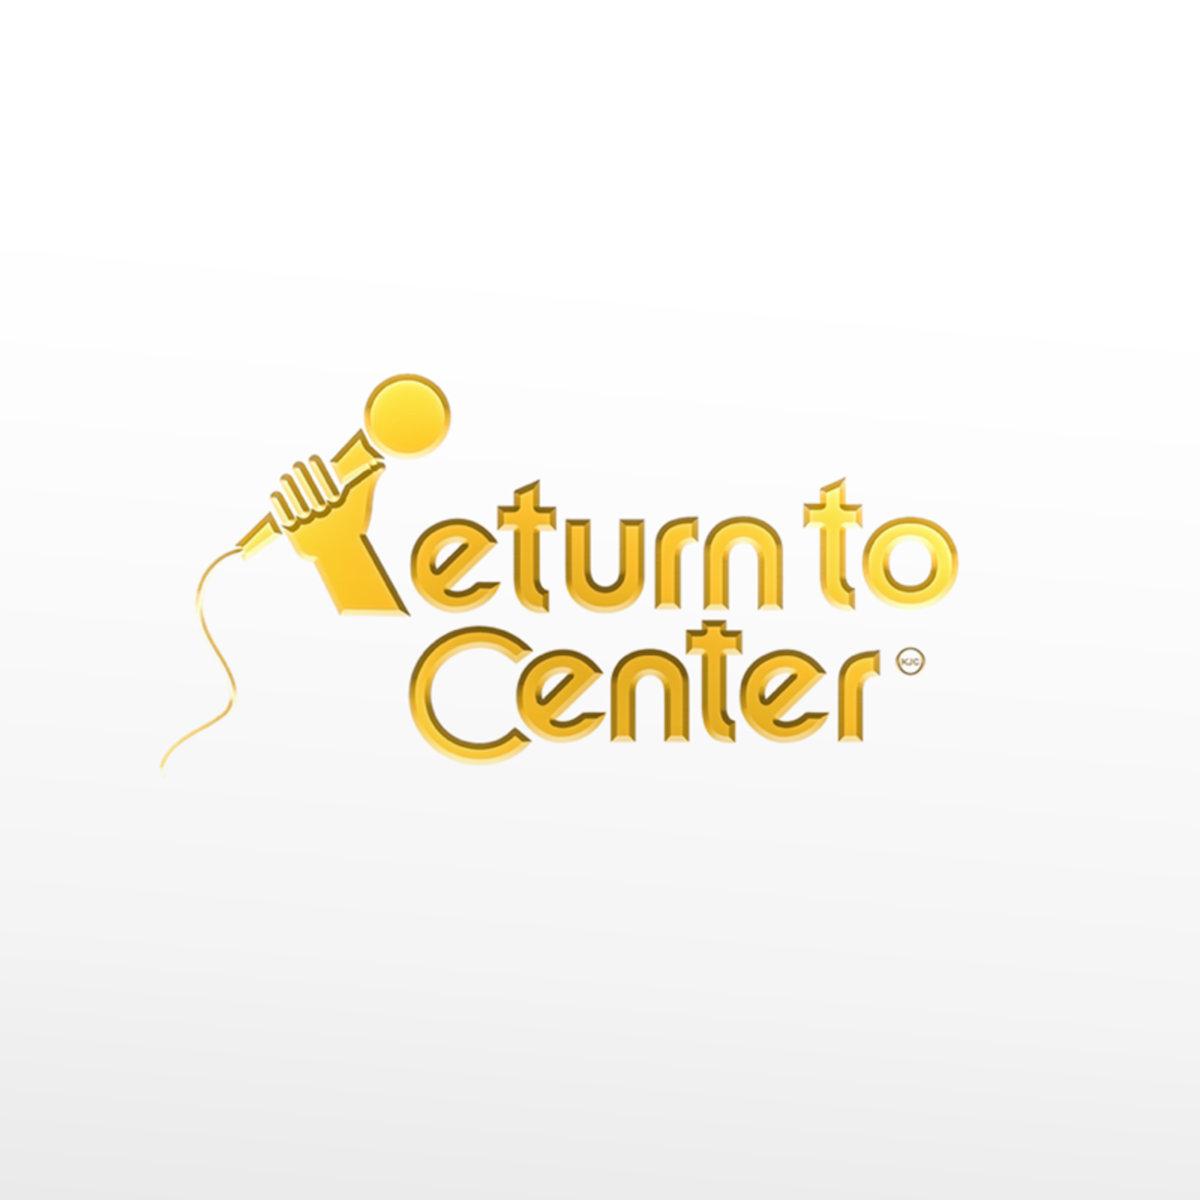 Kirin J Callinan - Return to Center    Mixer, Engineer     Listen